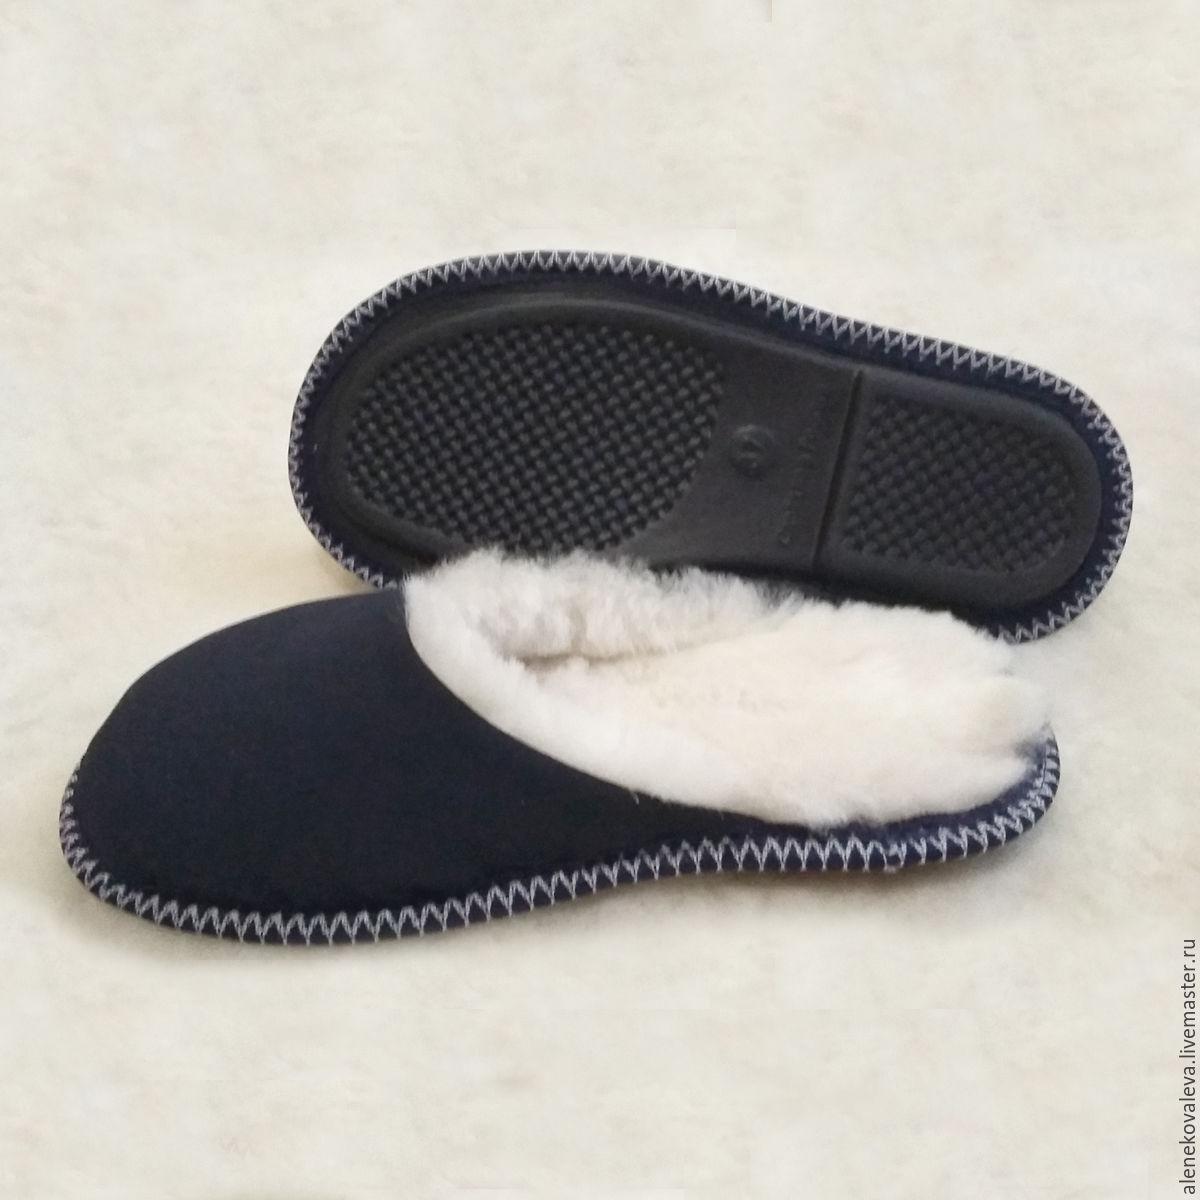 8376c698f93f0 Обувь ручной работы. Ярмарка Мастеров - ручная работа. Купить Домашние  тапочки из овчины.